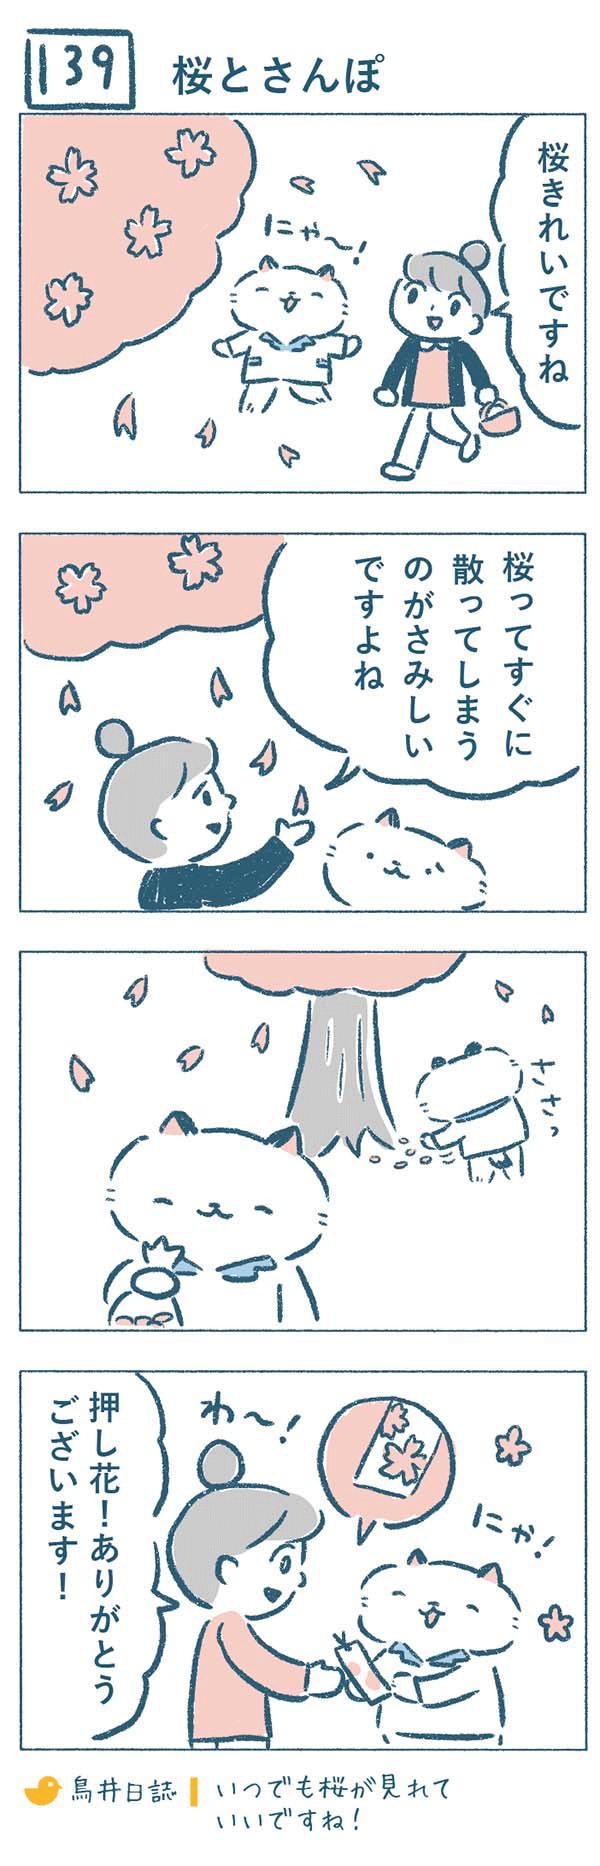 タイトル:桜とさんぽ。ねこやま先生と奈央子がお散歩をしていると、きれいな桜を見つけました。はかなく散る桜をみて奈央子は、「桜ってすぐに散ってしまうのがさみしいですよね。」と言いました。ひらめいたねこやま先生は桜を持って帰ると、後日押し花にしてプレゼントしました。押し花をみながら(いつでも桜が見れていいですね!)と喜ぶ奈央子なのでした。